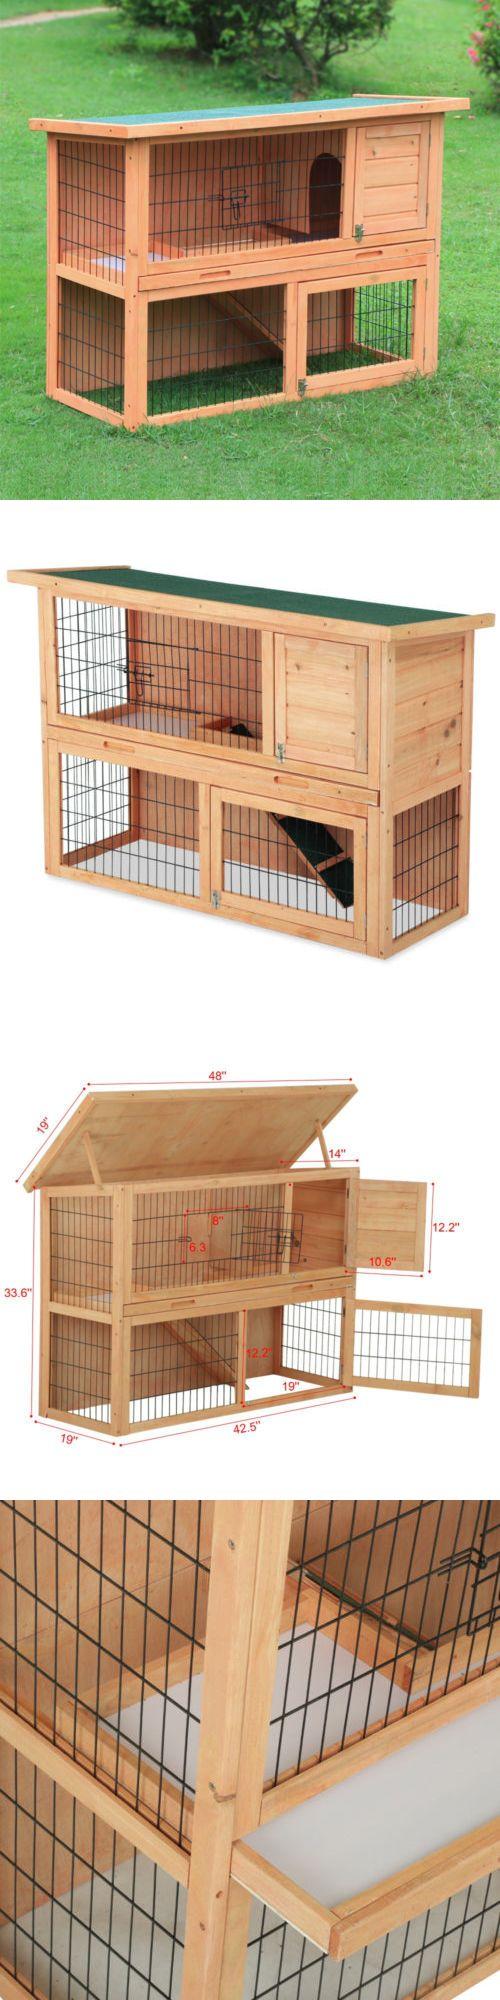 13 best rabbit cages images on pinterest rabbit cages rabbit